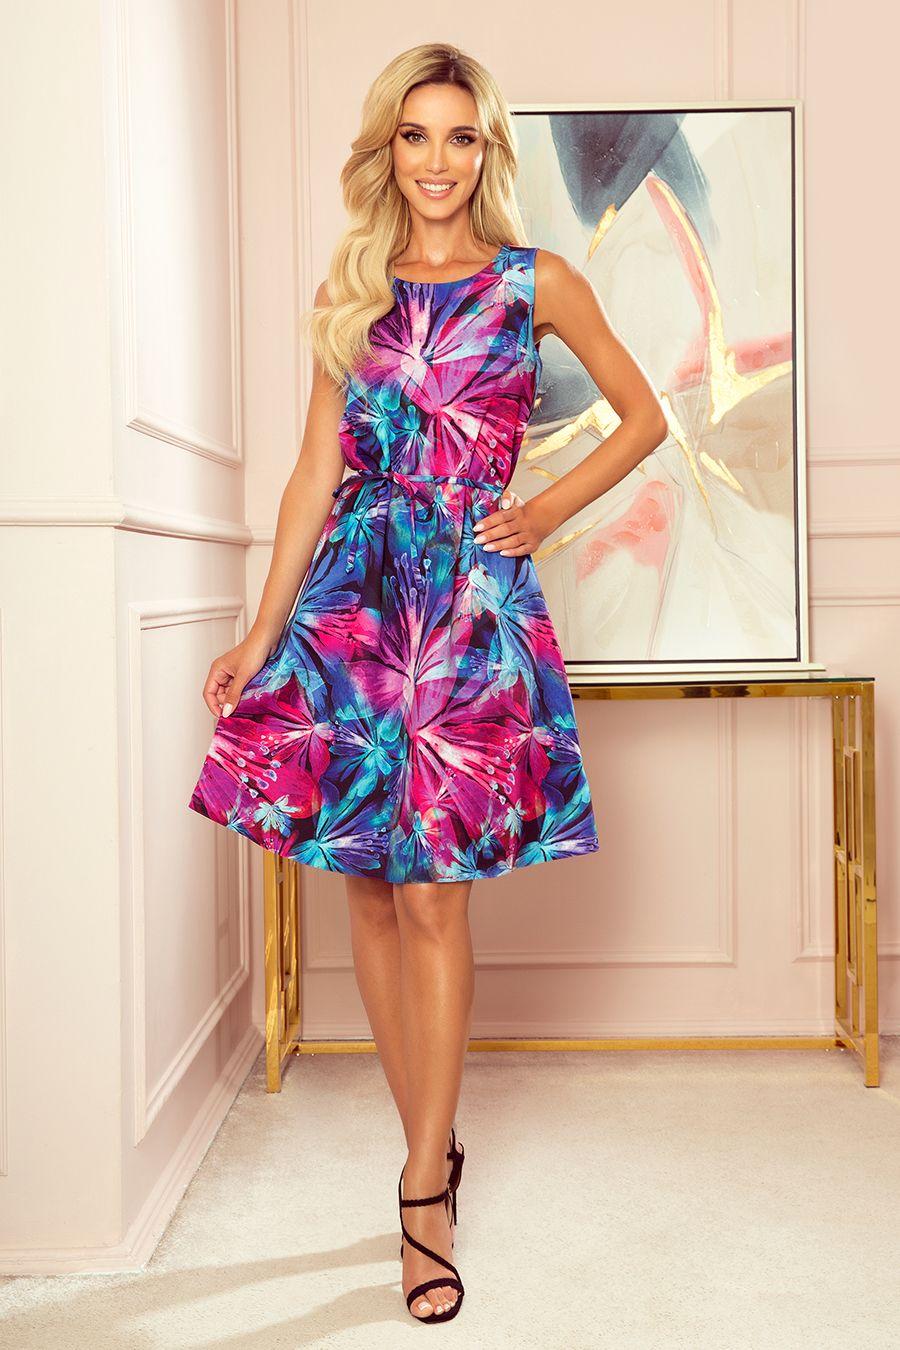 296 3 Victoria Trapezowa Sukienka W Niebiesko Rozowe Kwiaty Dresses Fashion Dresses Women S Fashion Dresses